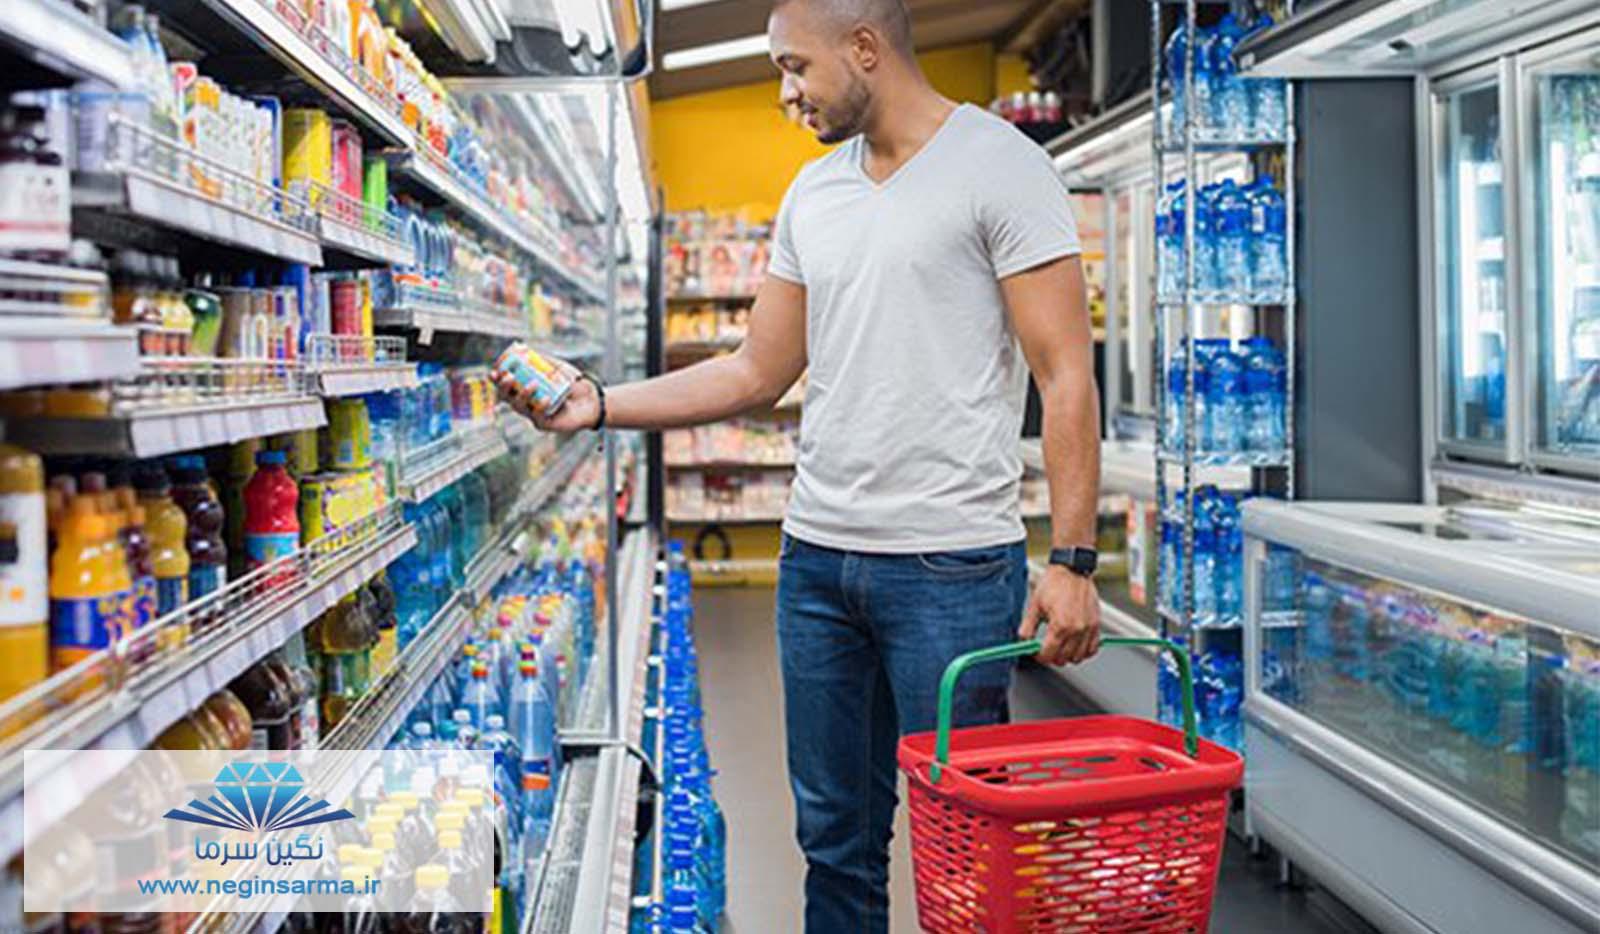 جذب مشتری با تجهیزات فروشگاهی-نگین سرما